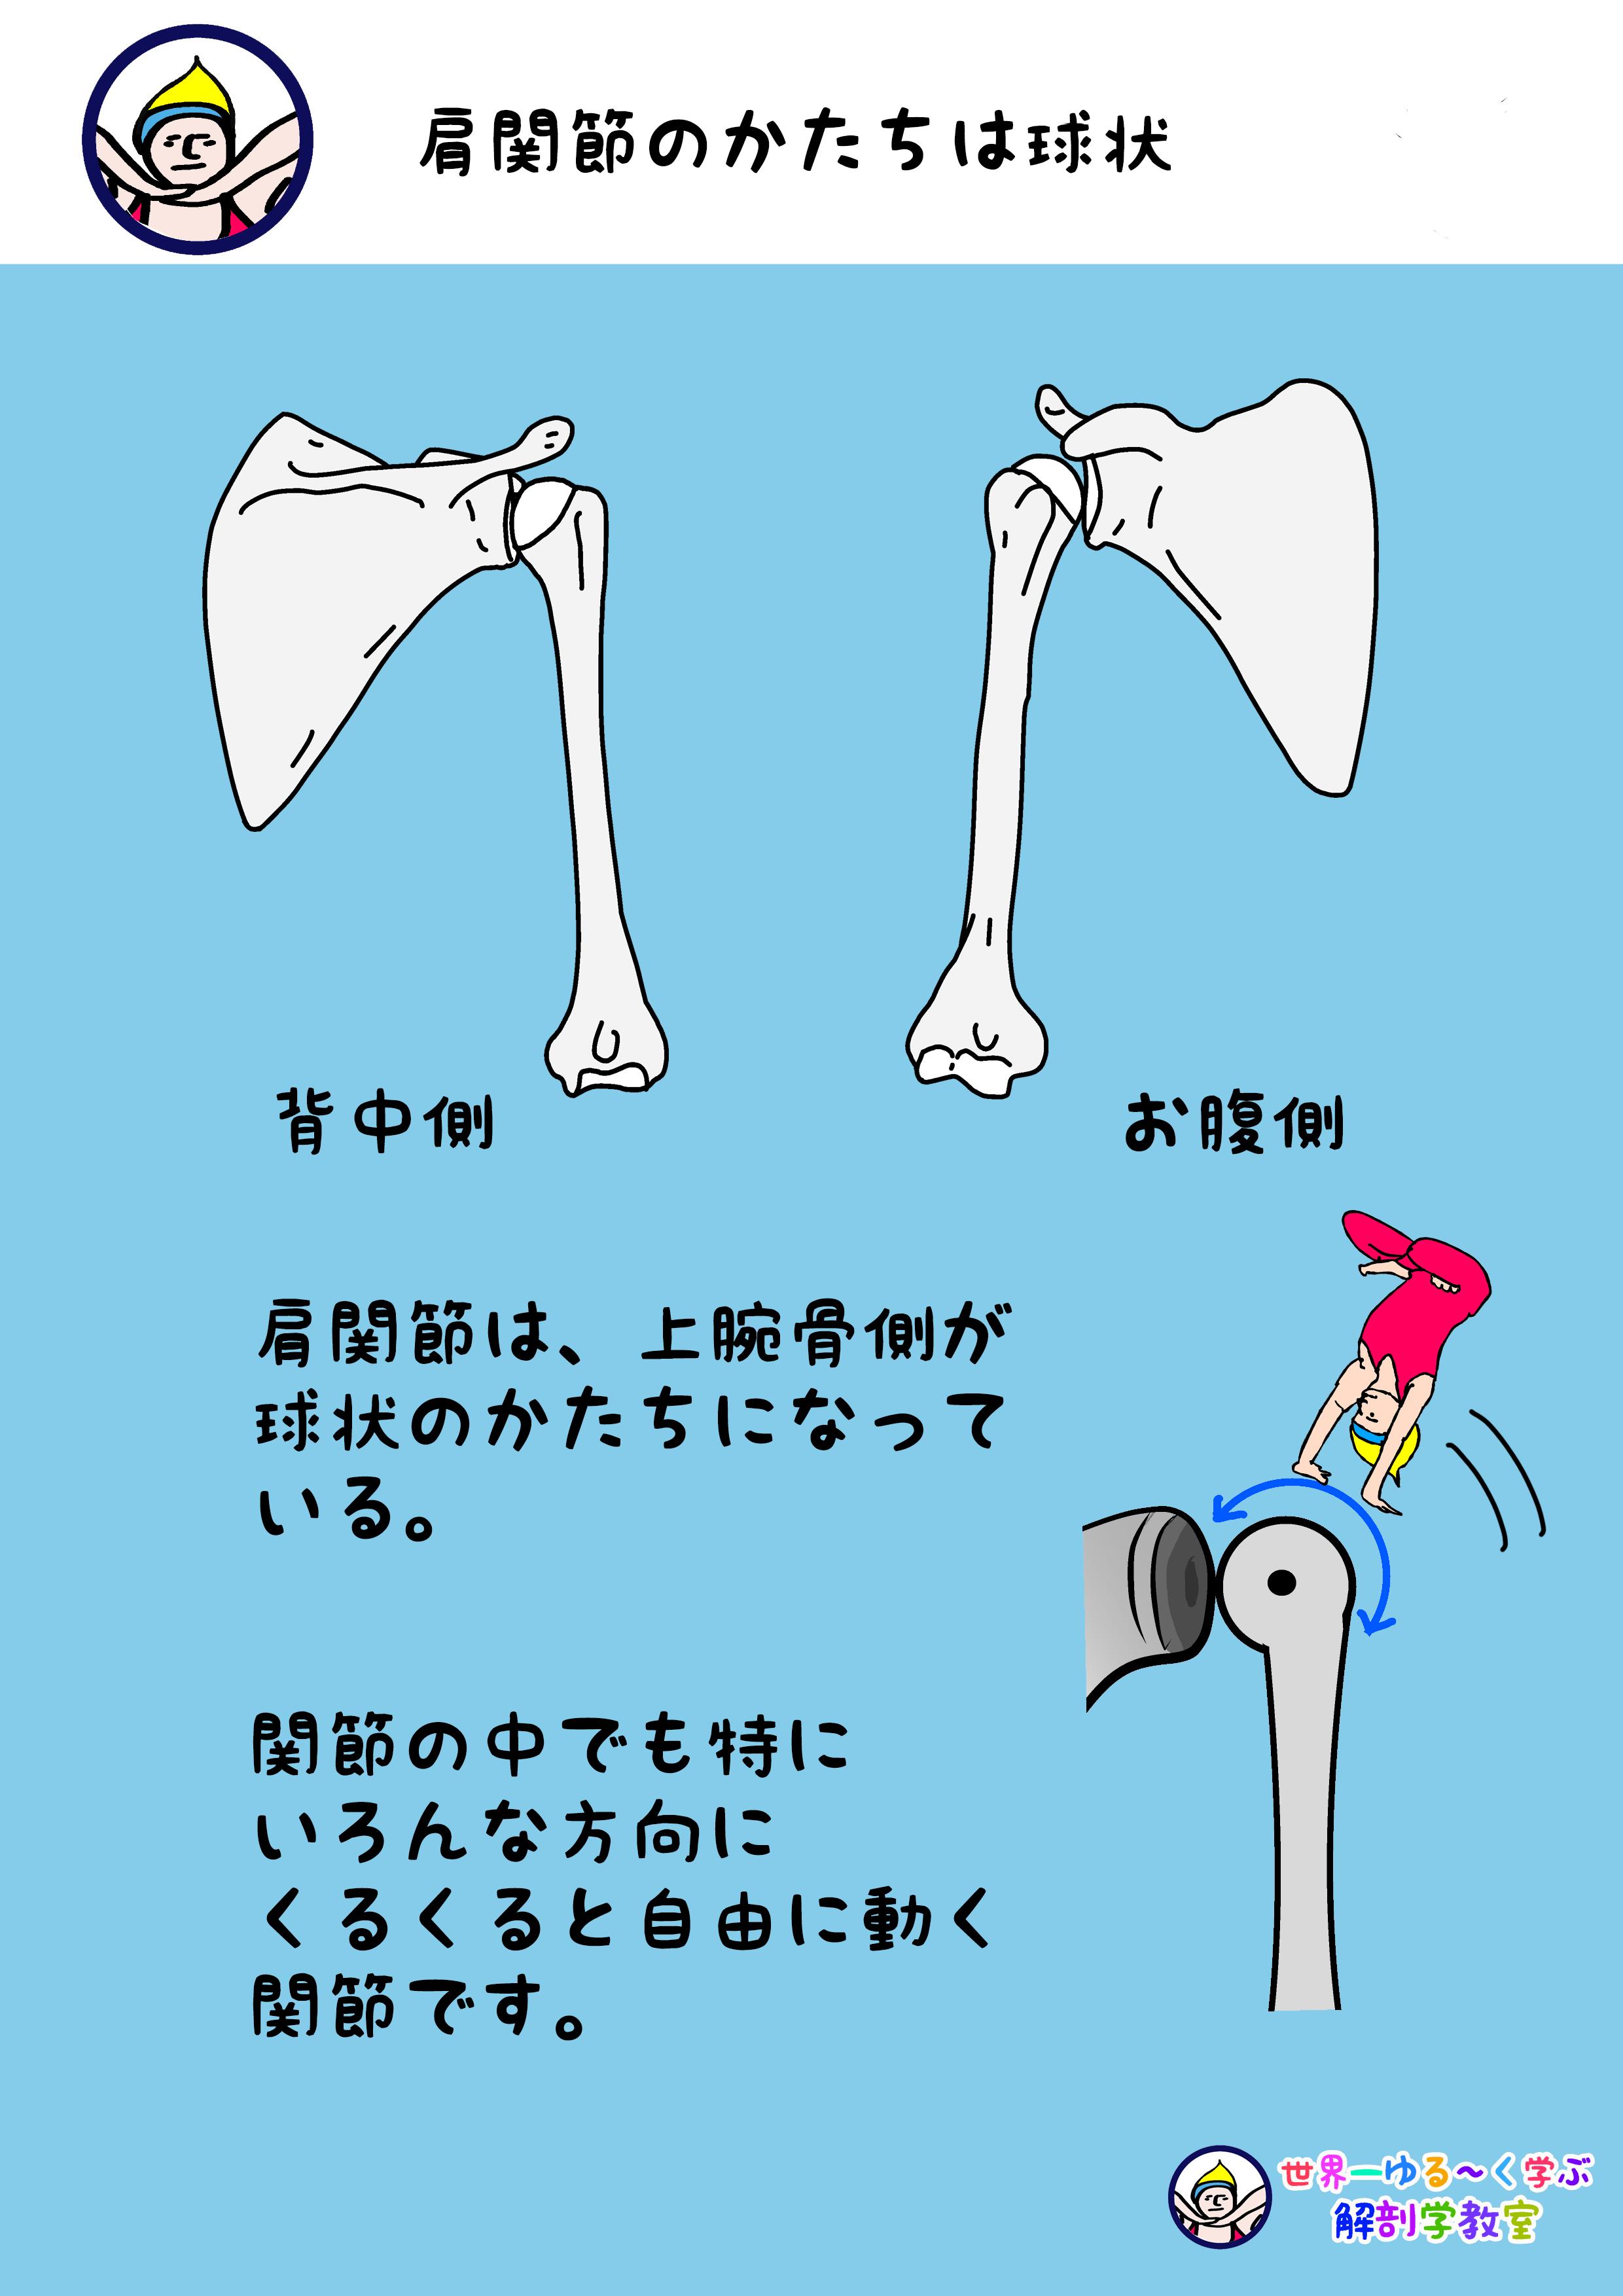 肩関節のかたちは球状